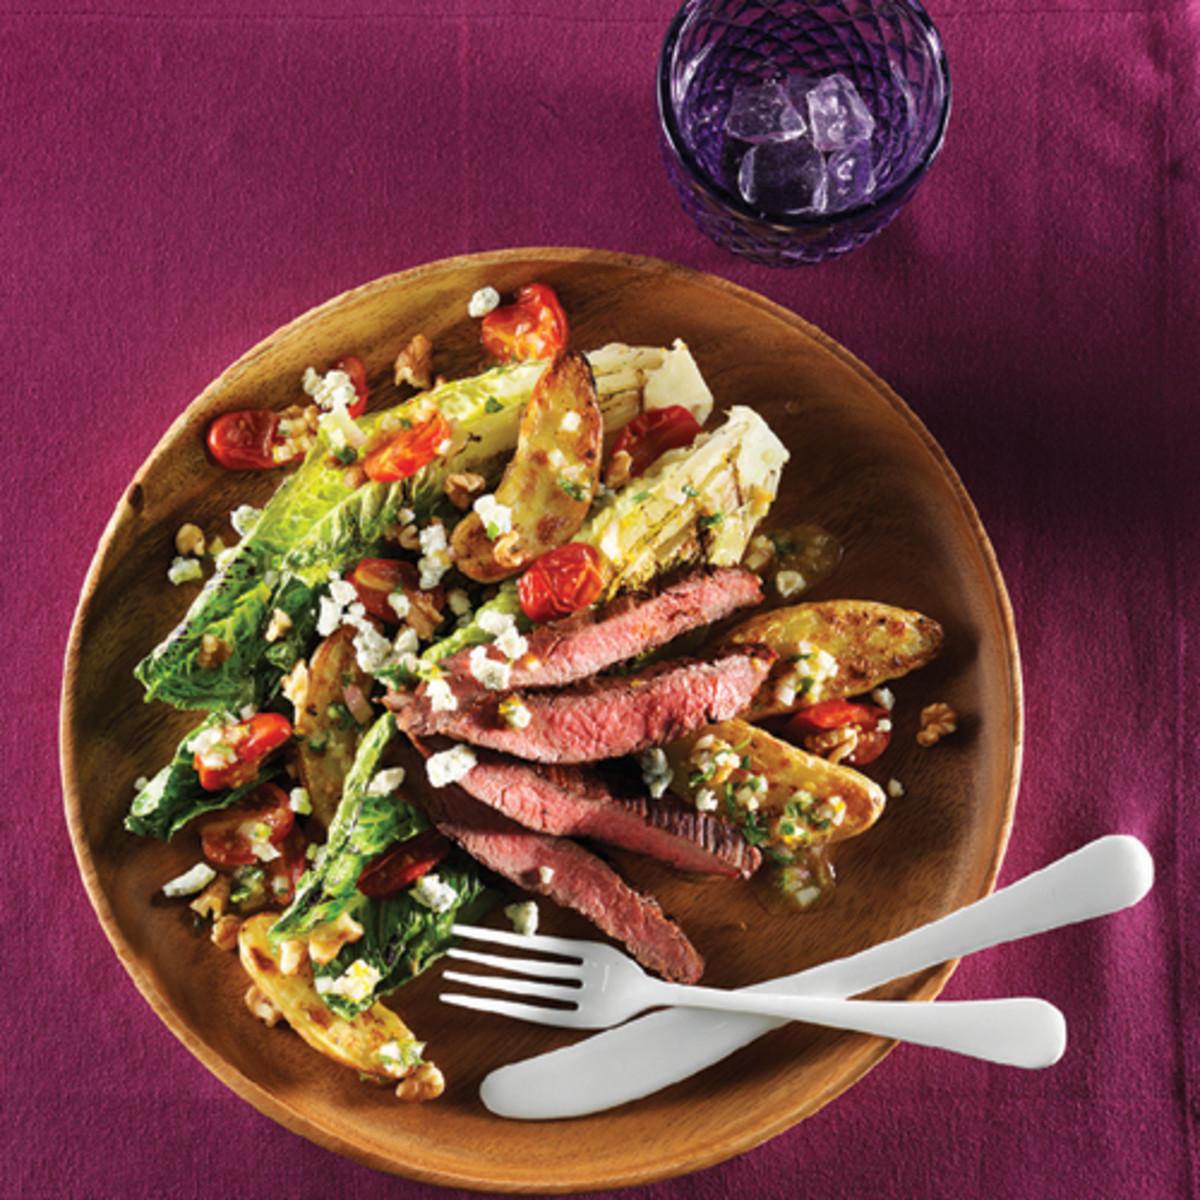 Charred Lettuce & Grilled Flank Steak Salad With Orange Shallot Vinaigrette